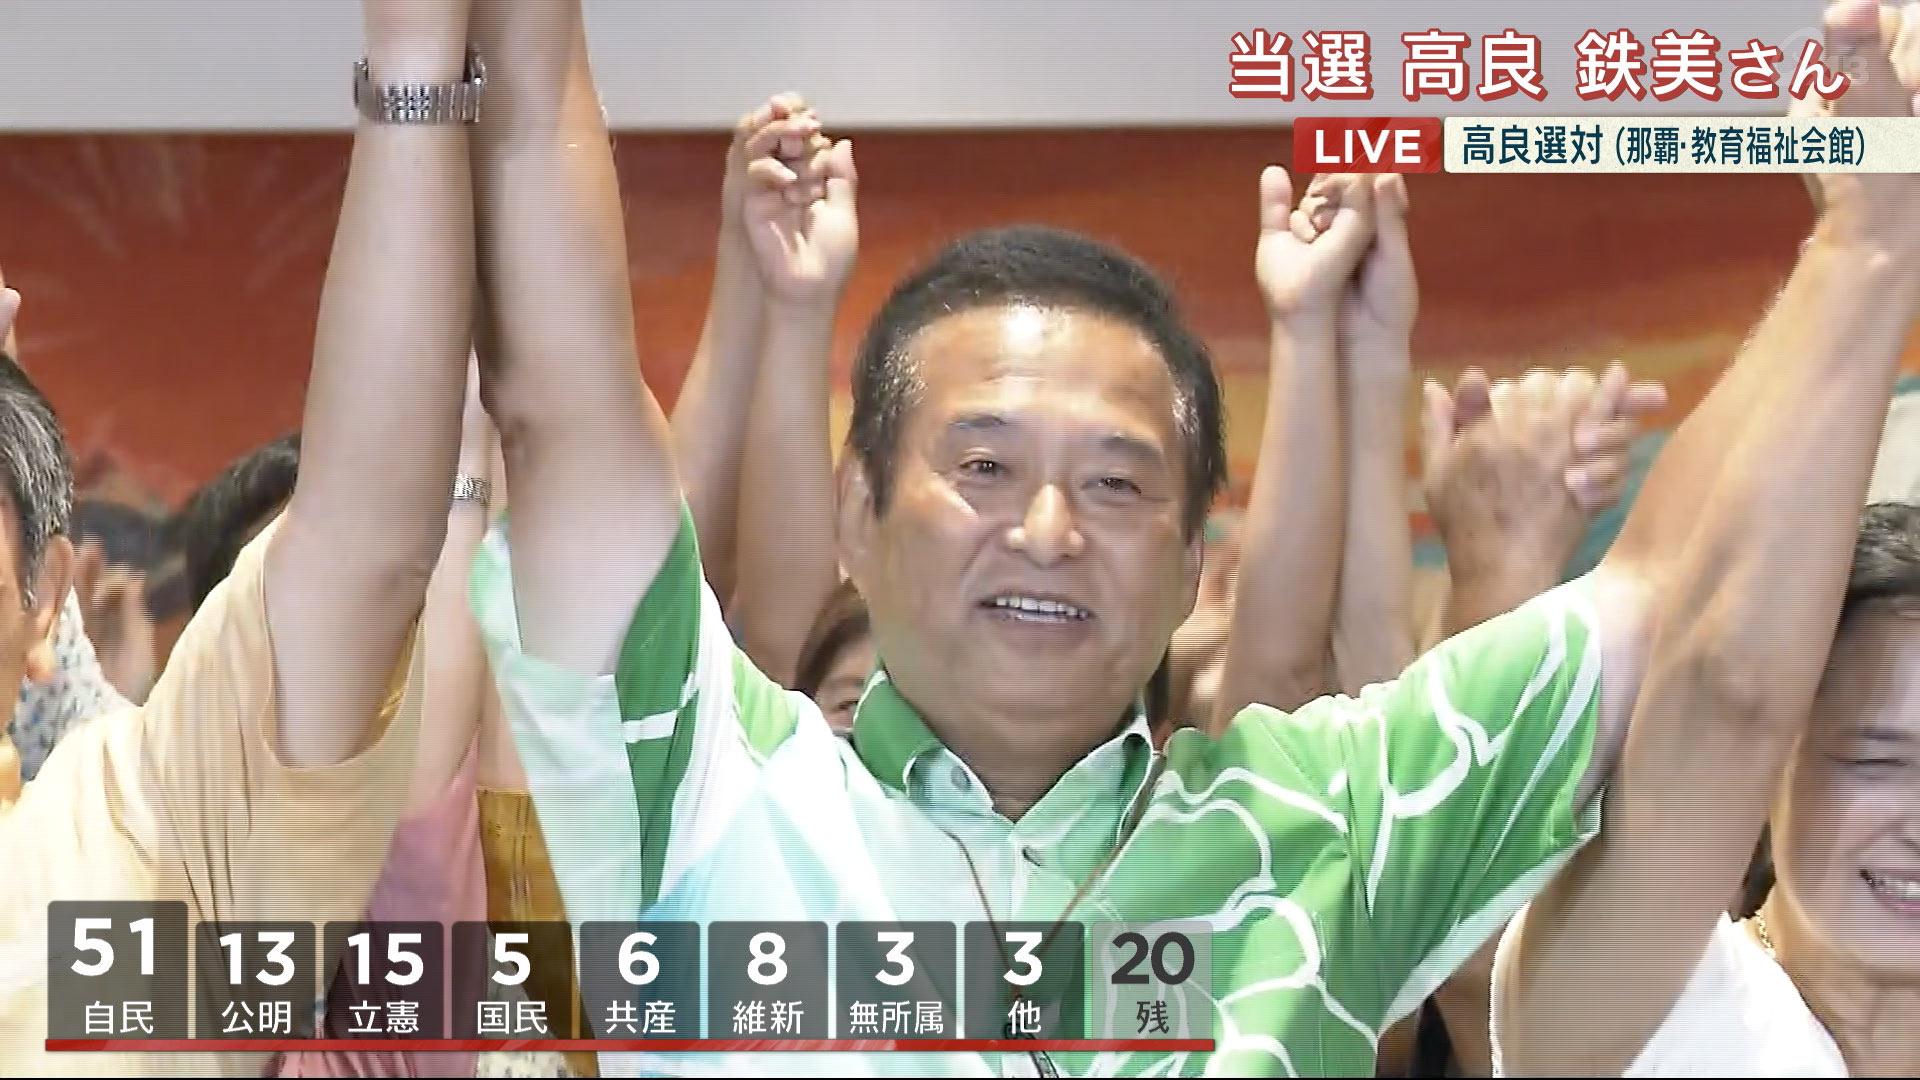 参院沖縄選挙区 高良鉄美さんが当選